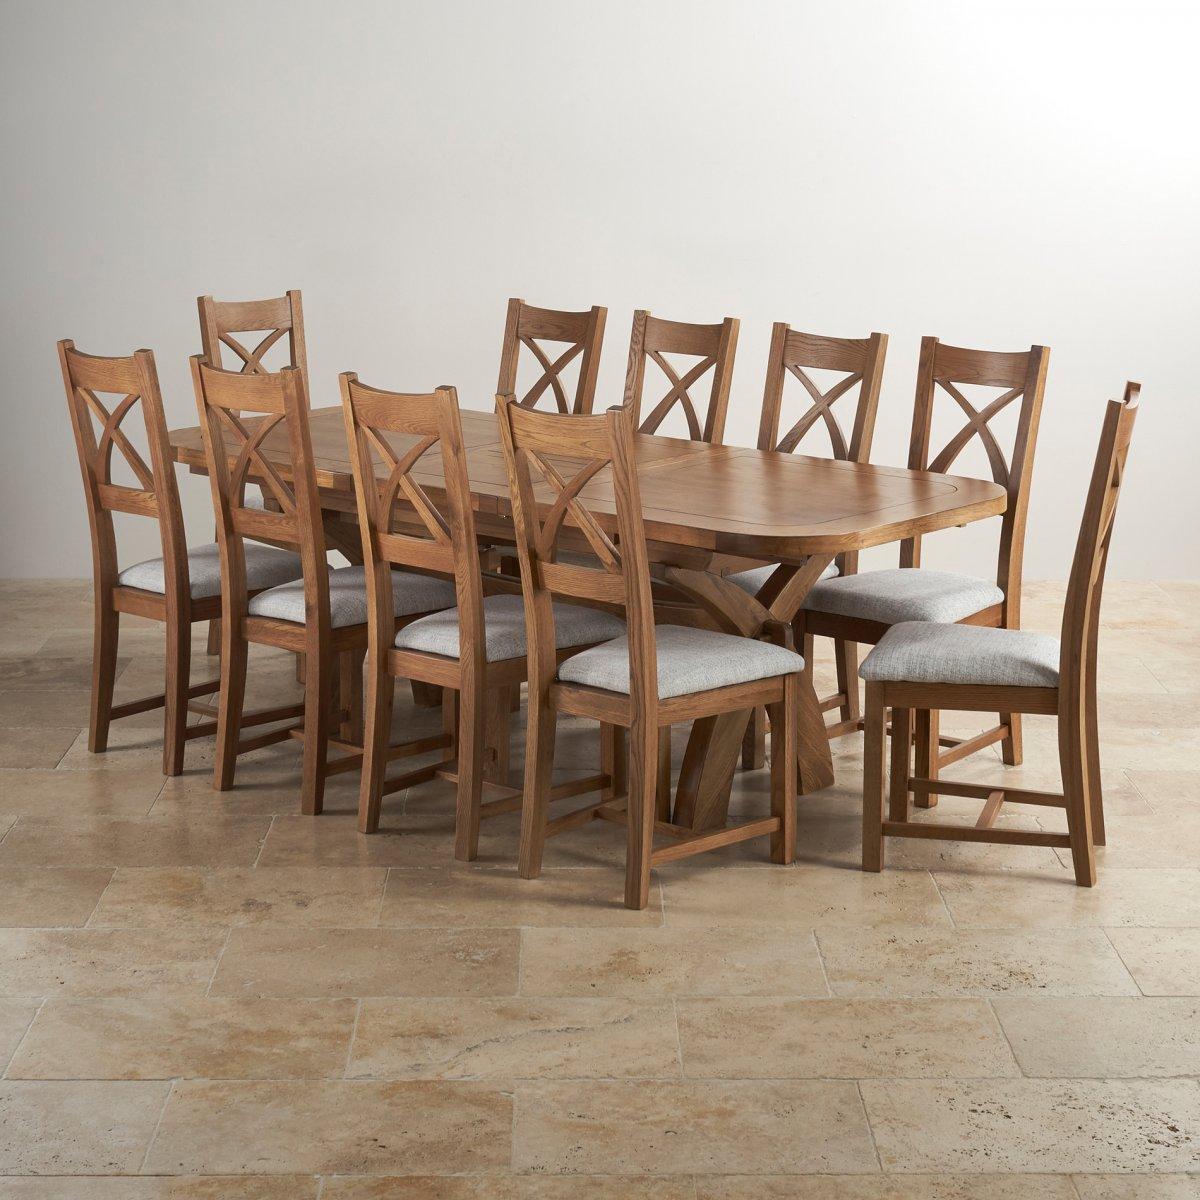 10 chair dining table set steelcase gesture hercules in rustic oak extending 43